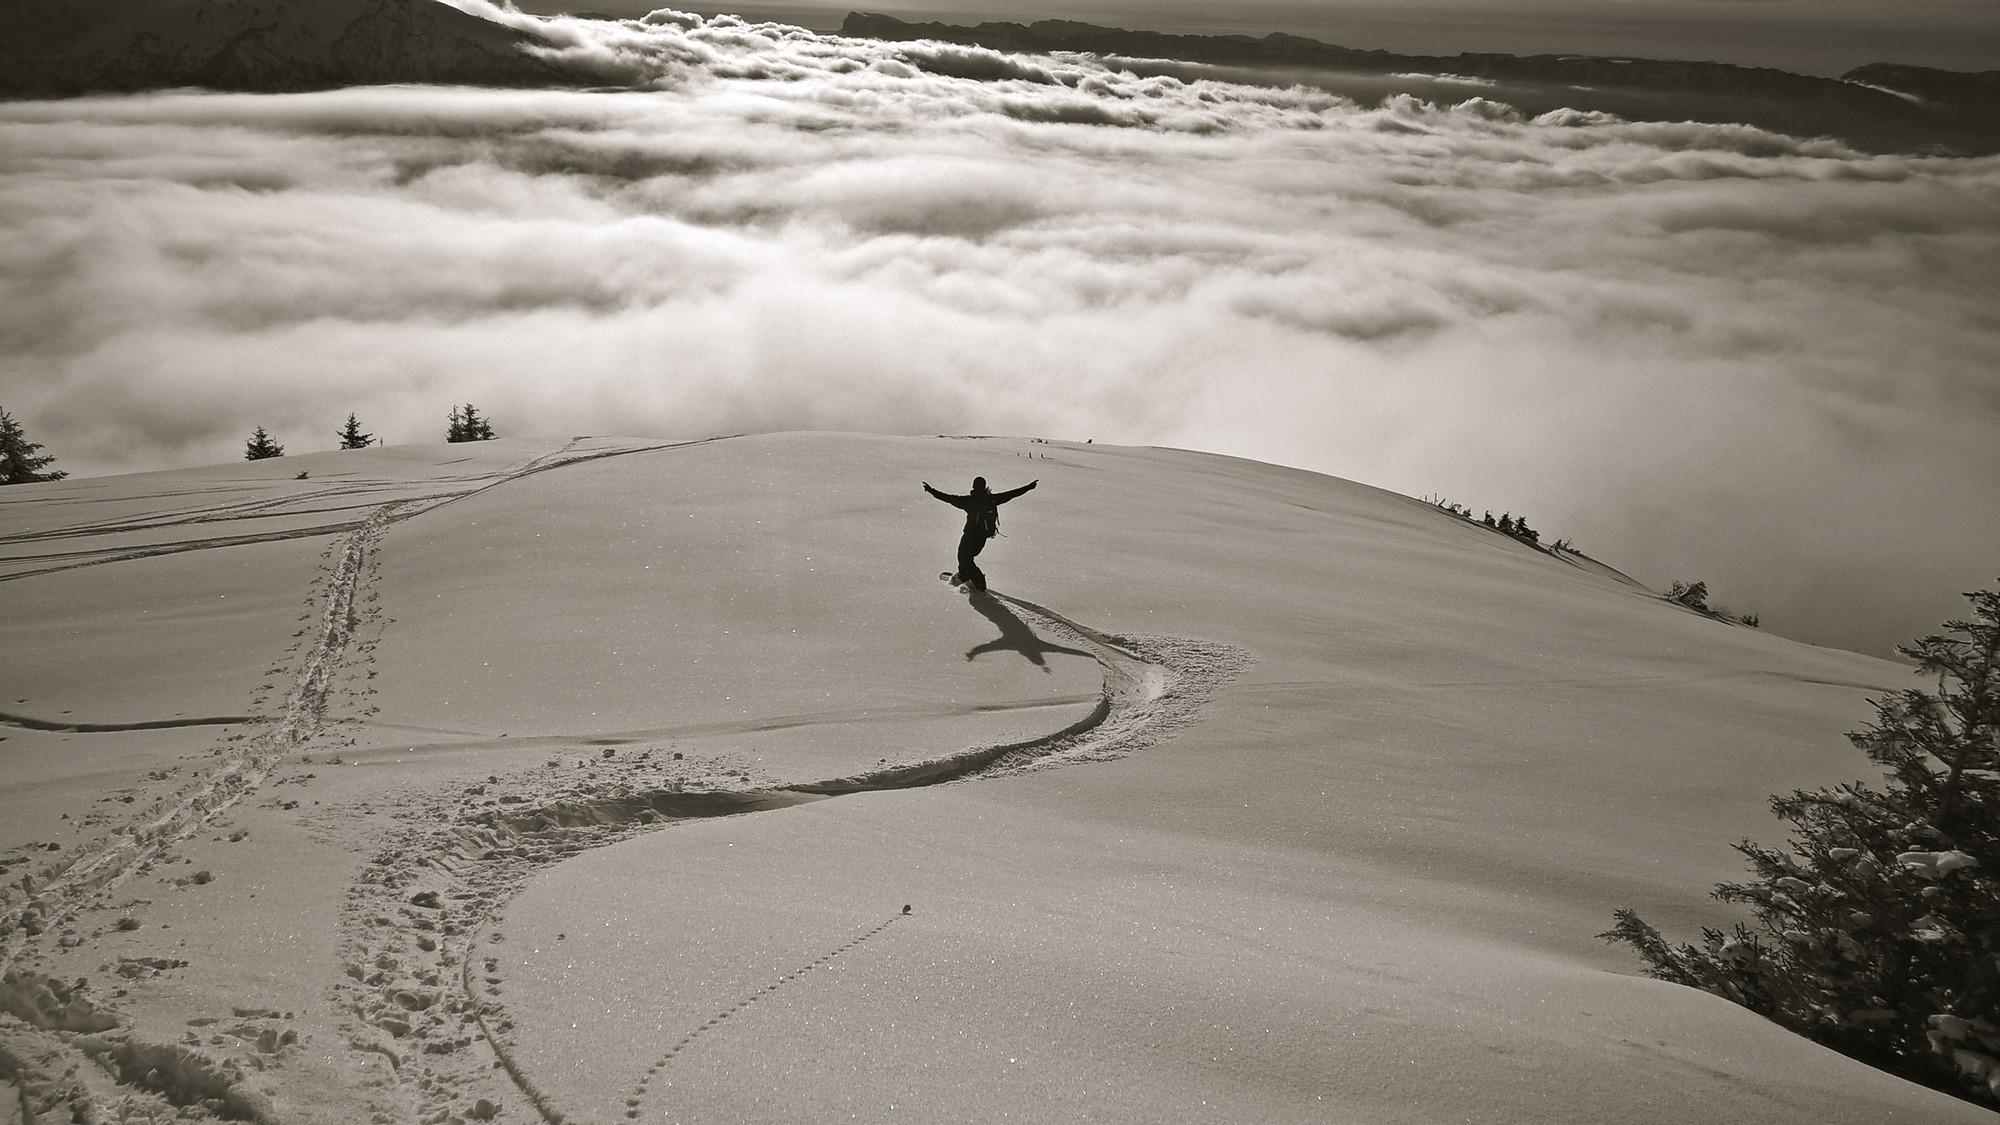 Fluofun: snowboard news, vidéos, photos, matos...